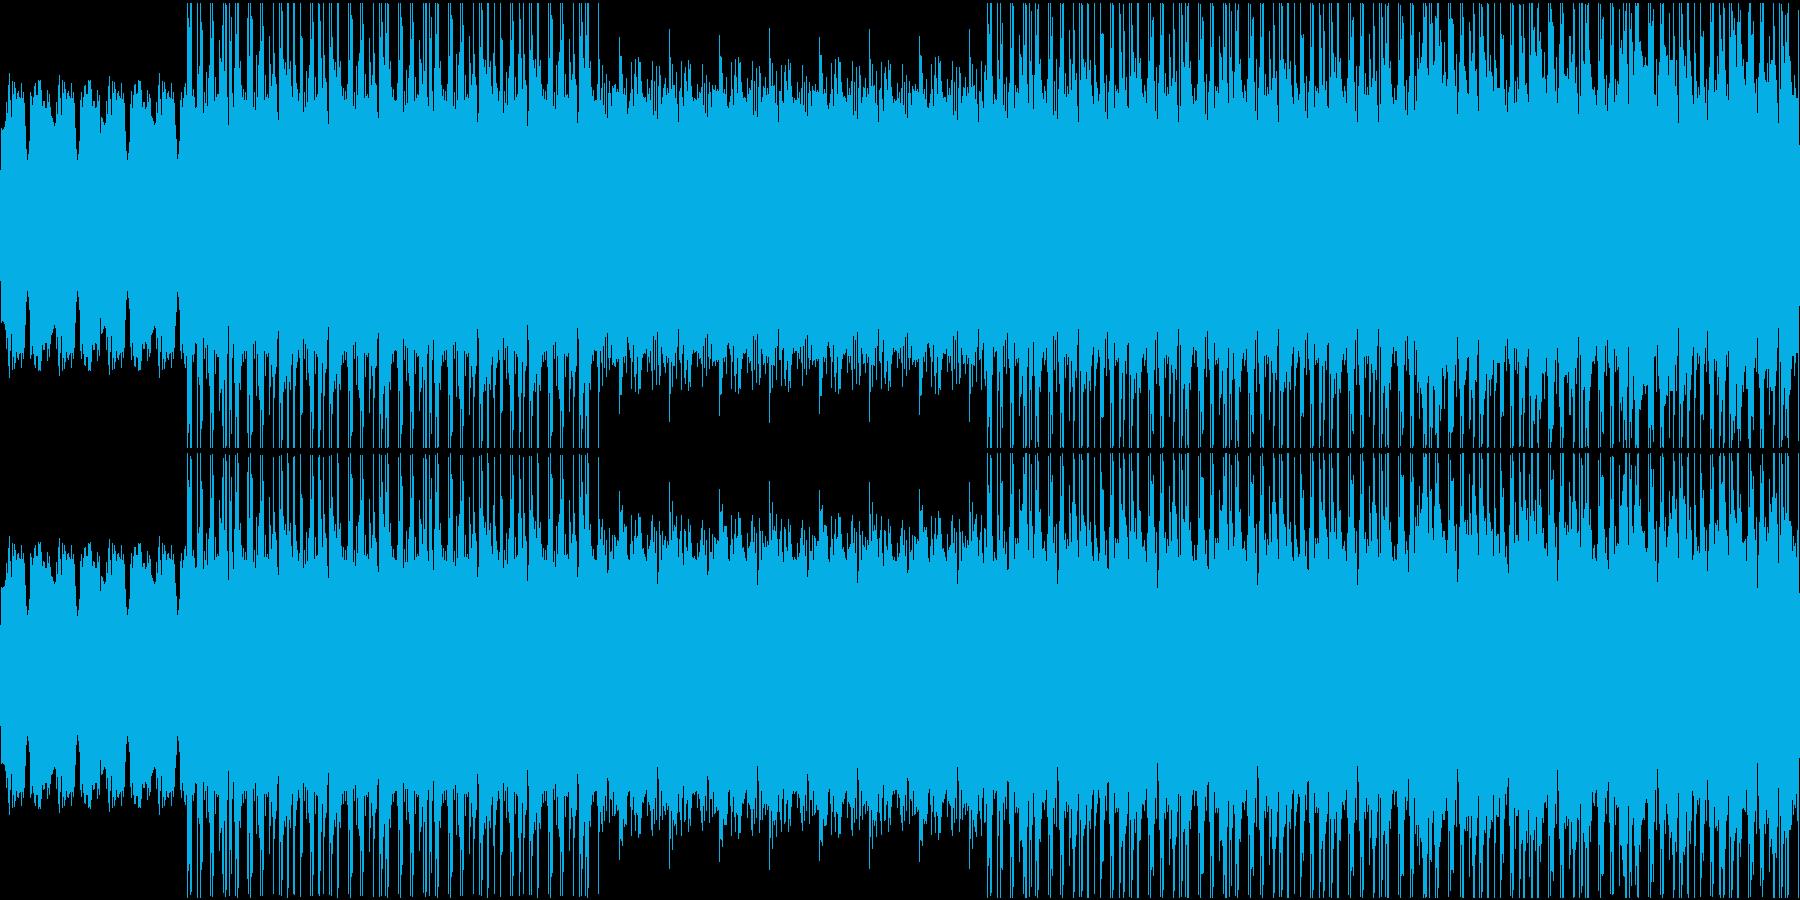 【映像系】レトロHipHopの再生済みの波形